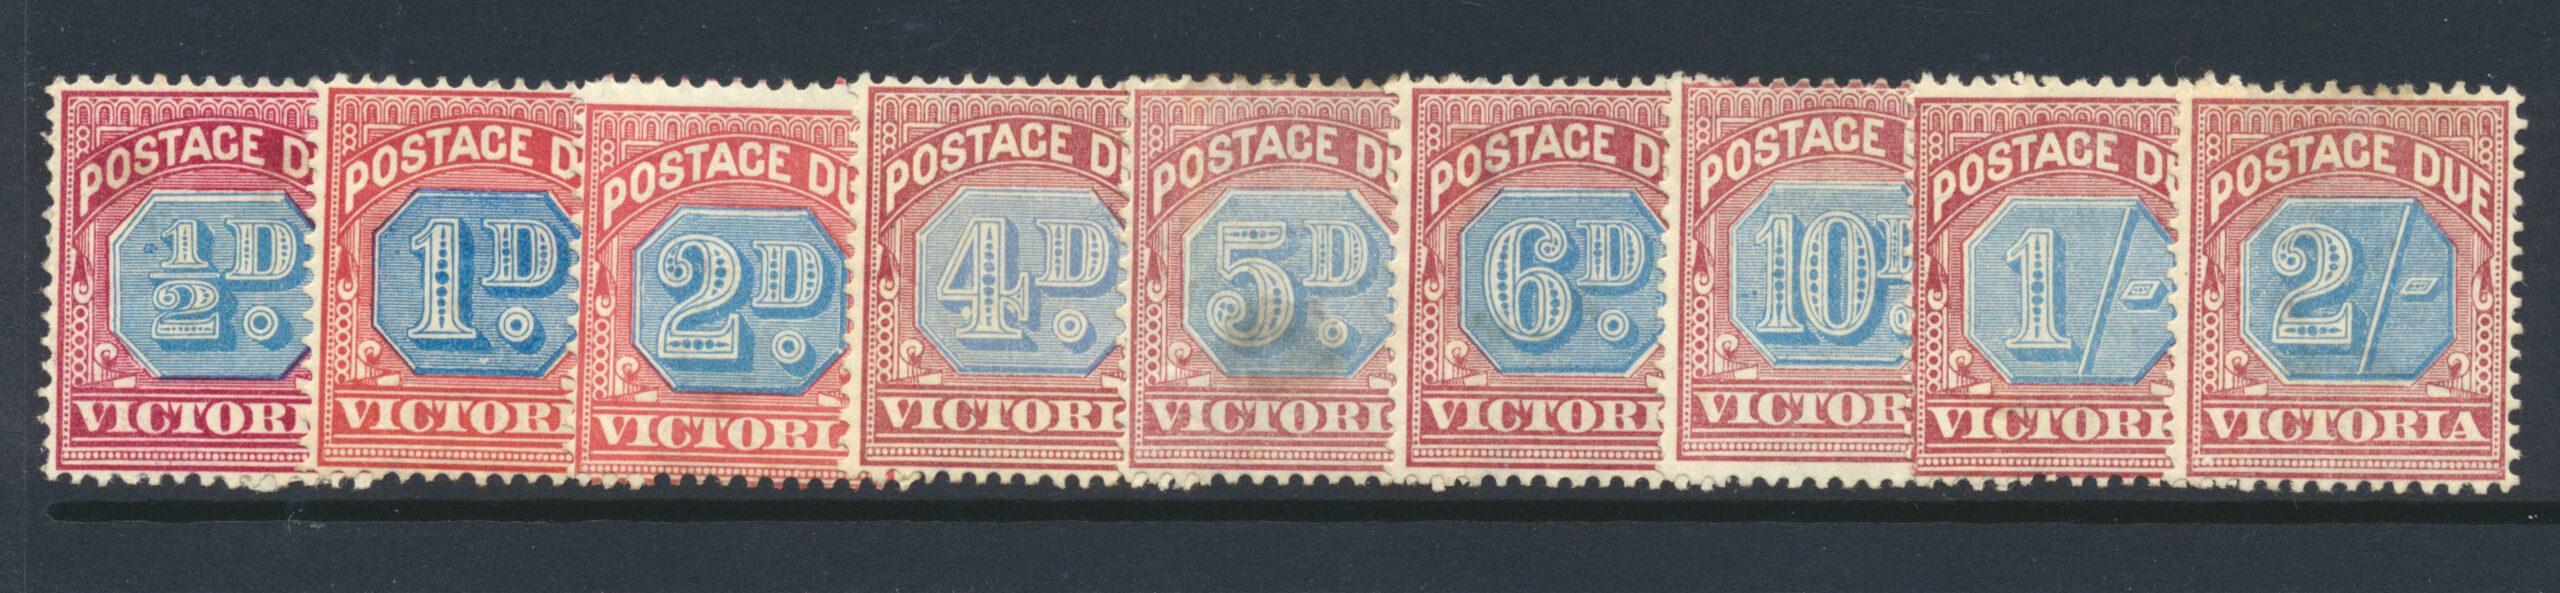 VICO063329_D1-D9_1